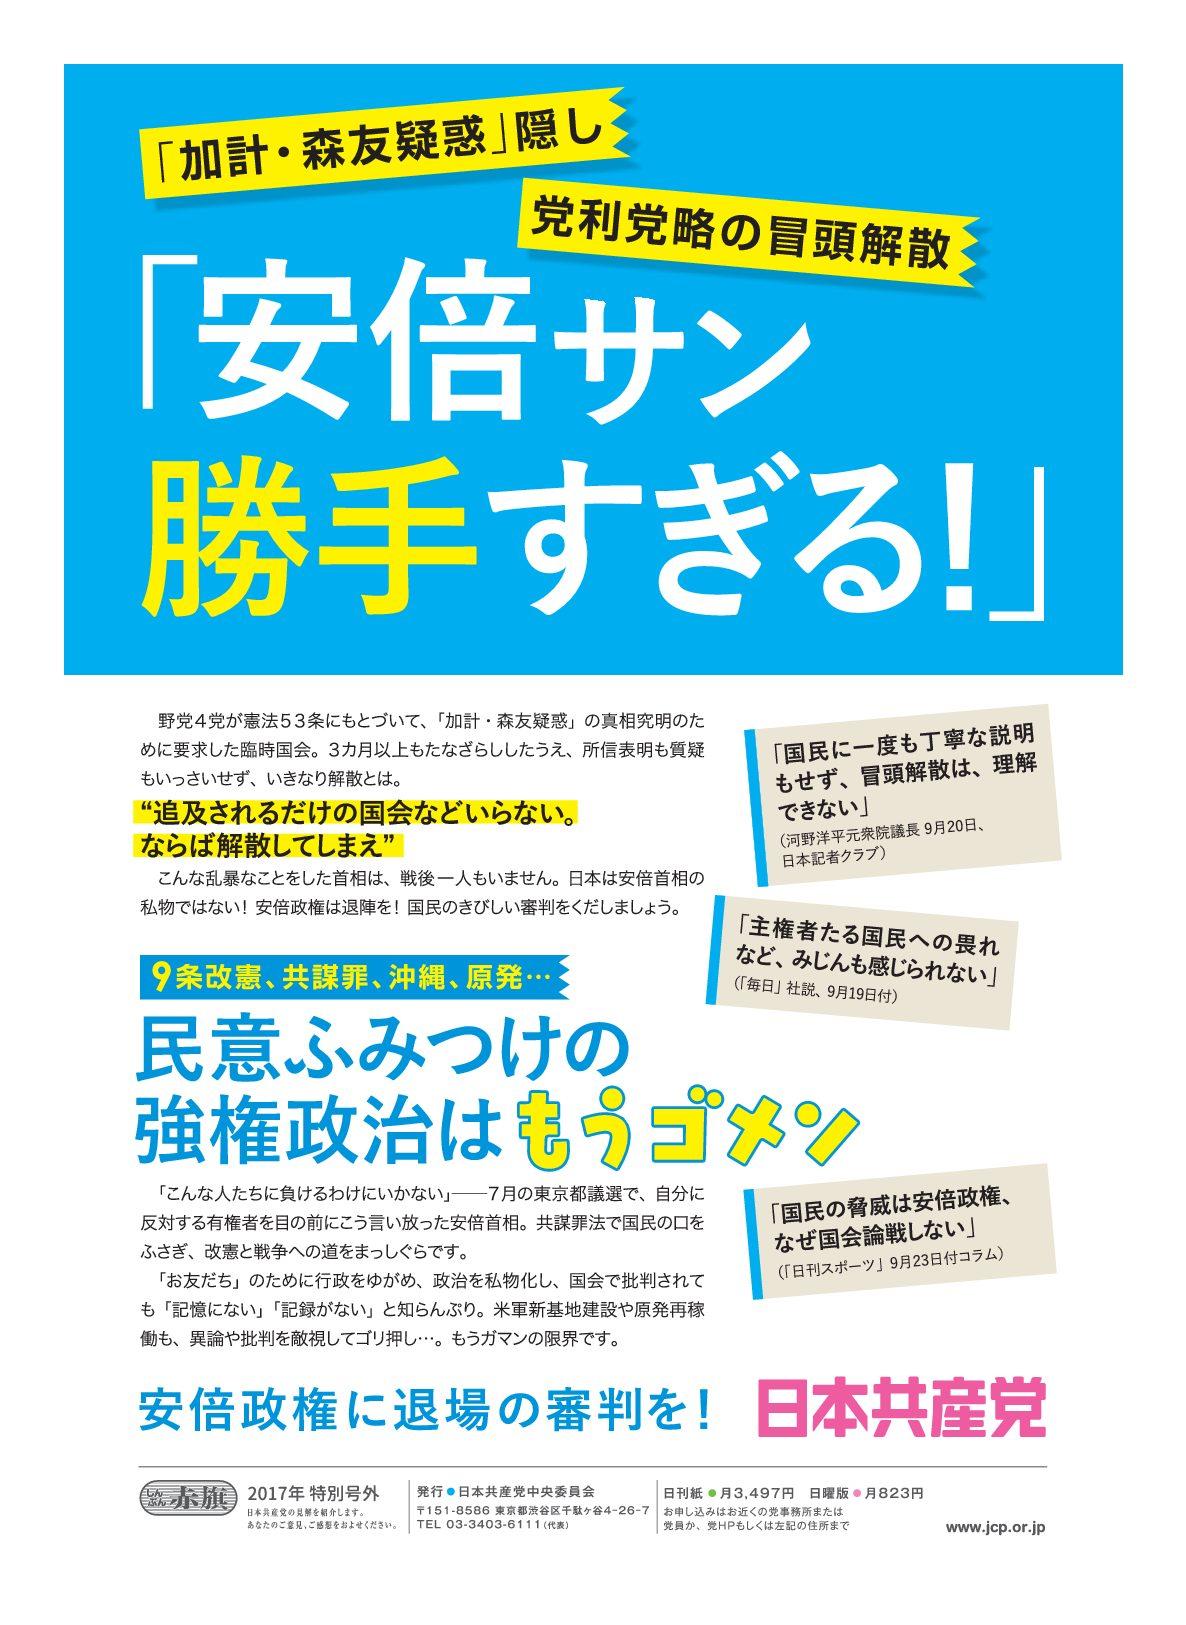 2017年特別号外「安倍サン勝手すぎる!」今度は国政で